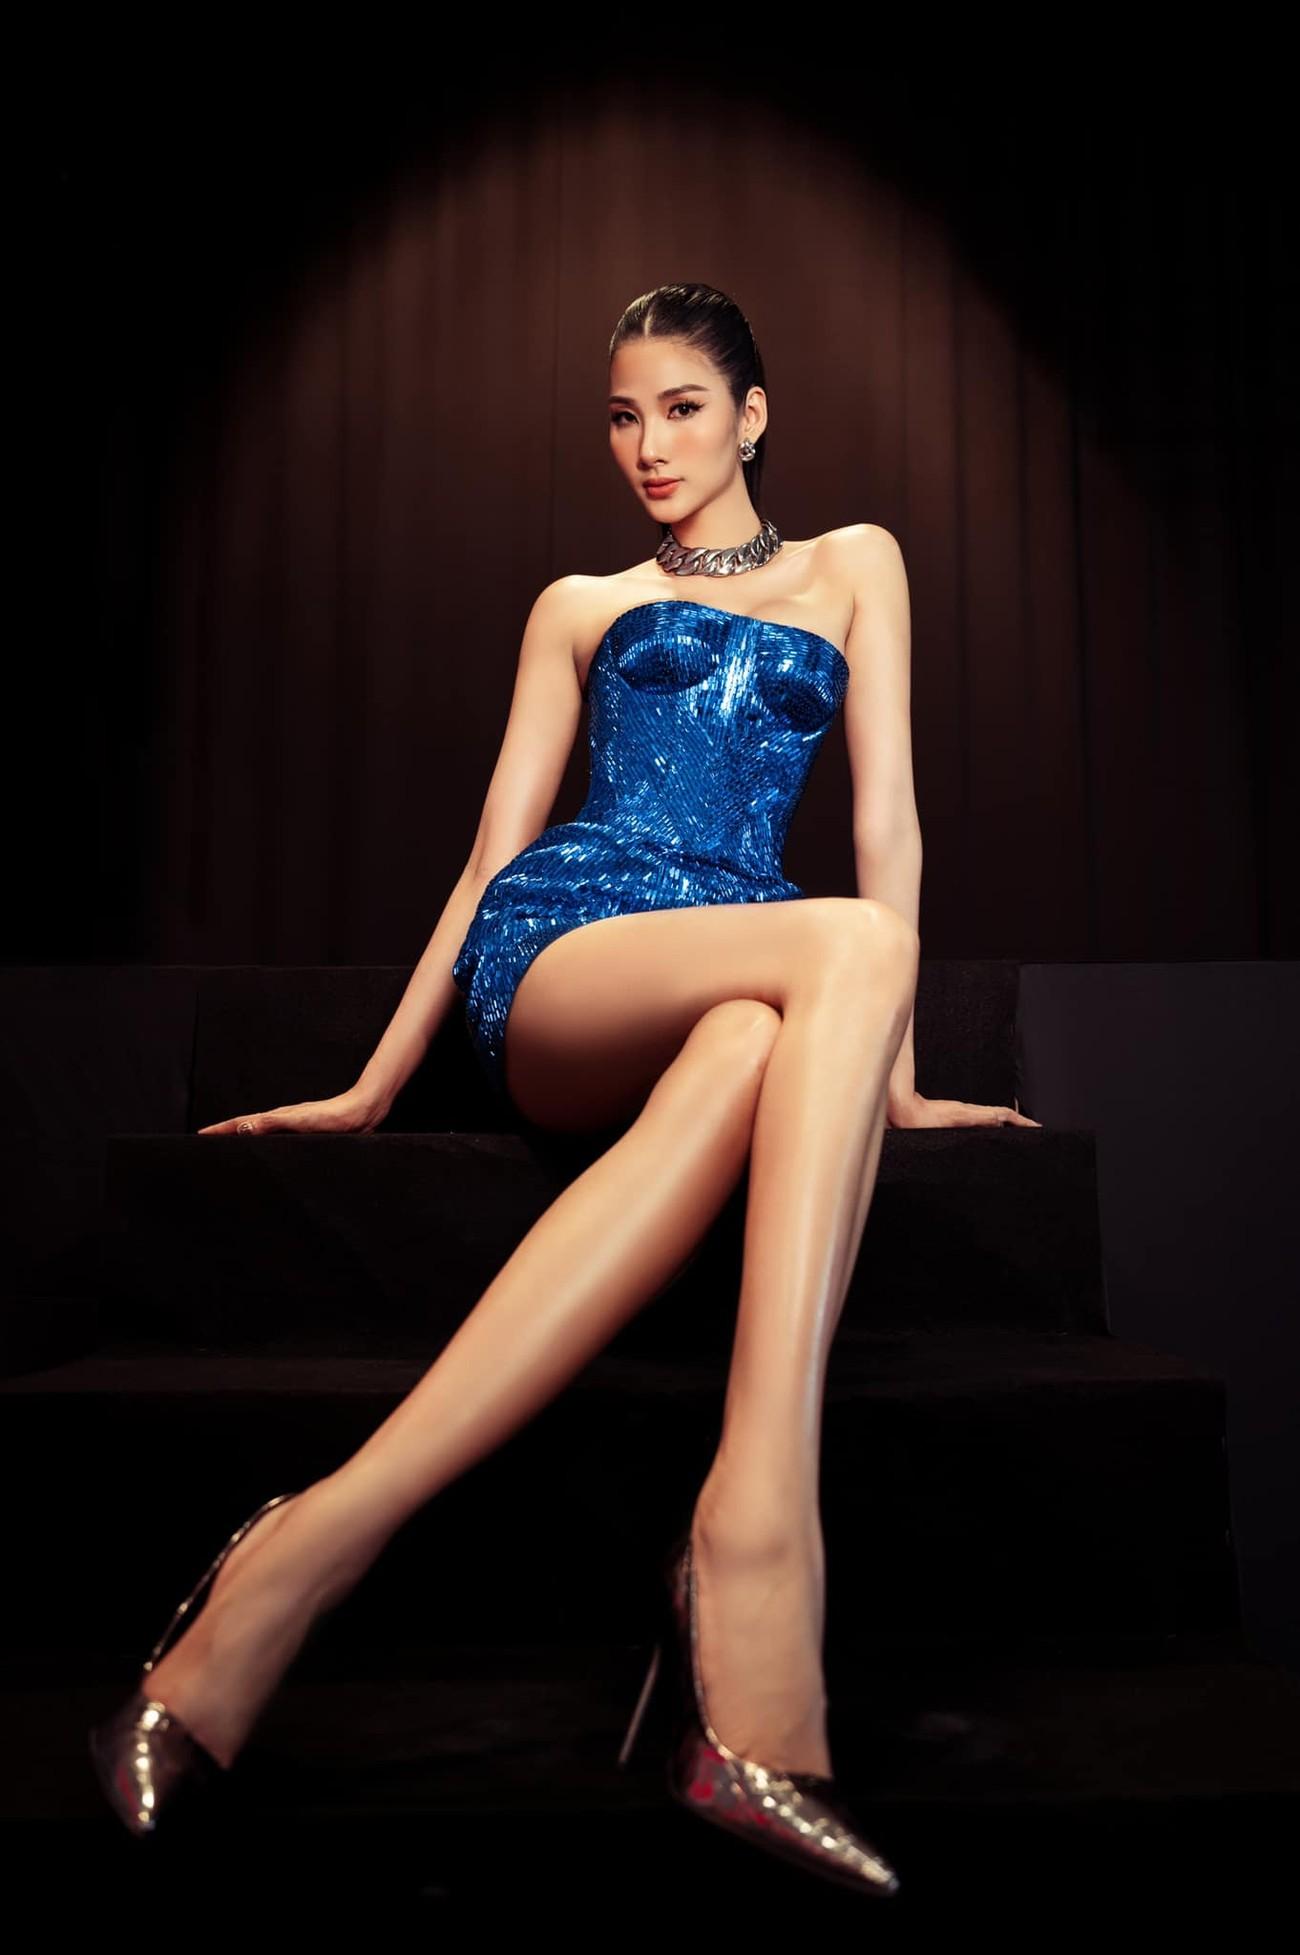 'Đụng hàng' chiếc váy xanh cúp ngực sexy, Hoàng Thuỳ-Minh Tú đẹp 'bất phân thắng bại' ảnh 3